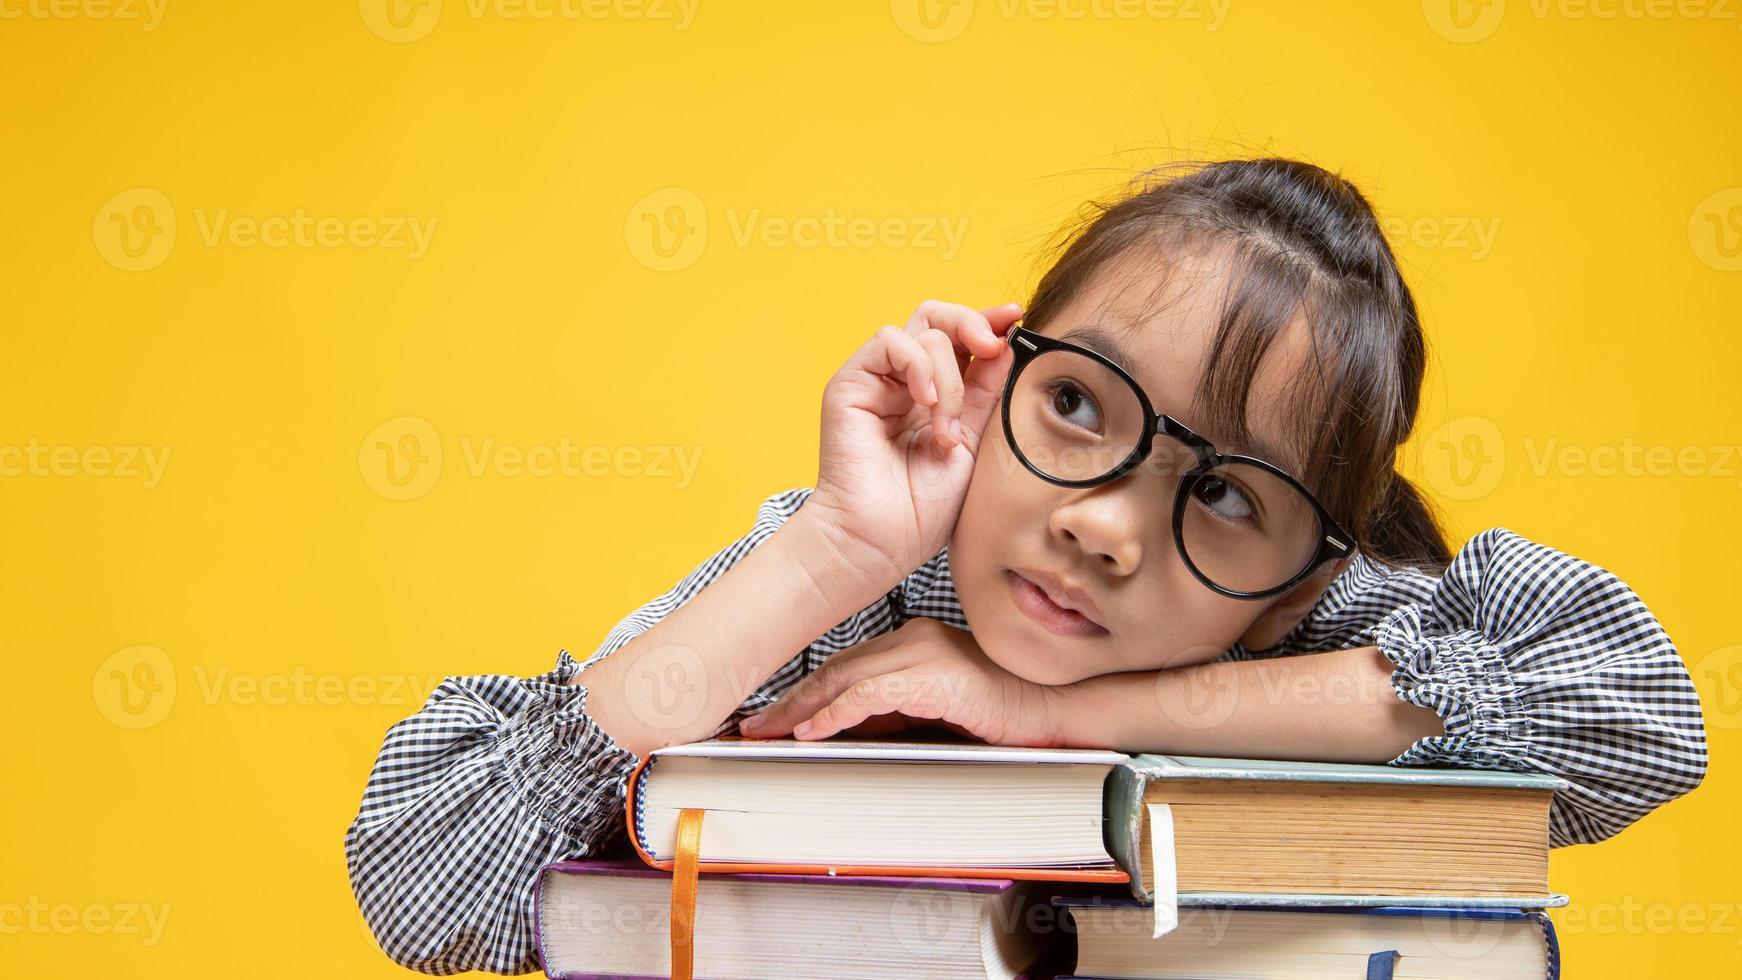 jovem tailandesa encostada na pilha de livros, tocando seus óculos e pensando em estúdio com fundo amarelo foto